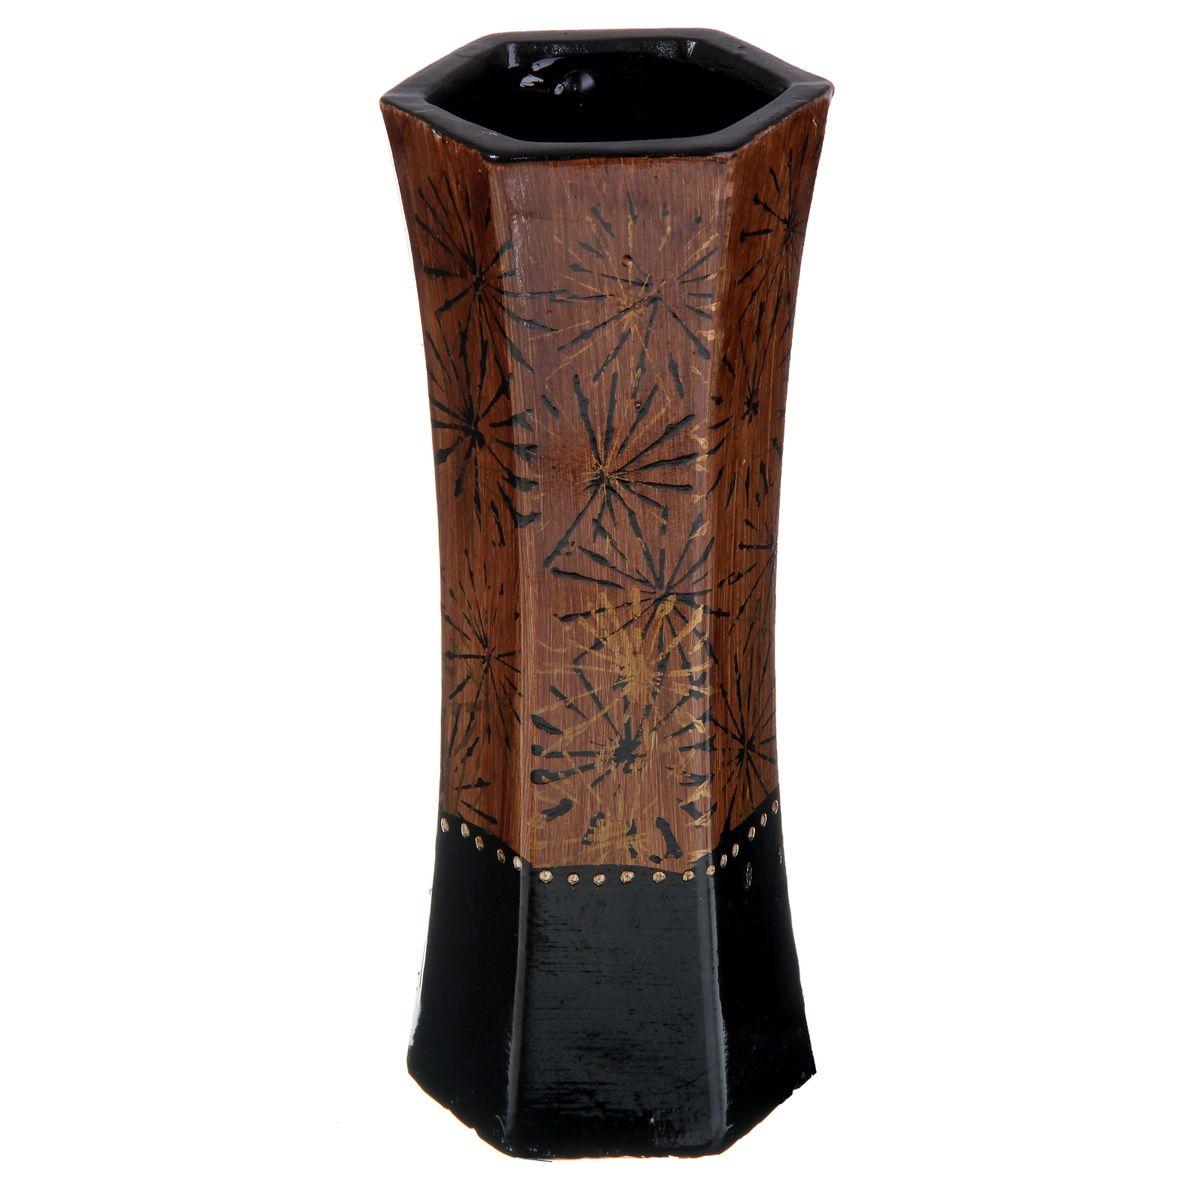 Ваза Sima-land Одуванчик, высота 24,5 см912906Элегантная ваза Sima-land Одуванчик, изготовленная из высококачественной керамики, оформлена в благородных древесных оттенках с ярким рисунком. Интересная форма и необычное оформление сделают эту вазу замечательным украшением интерьера. Она предназначена как для живых, так и для искусственных цветов. Любое помещение выглядит незавершенным без правильно расположенных предметов интерьера. Они помогают создать уют, расставить акценты, подчеркнуть достоинства или скрыть недостатки.